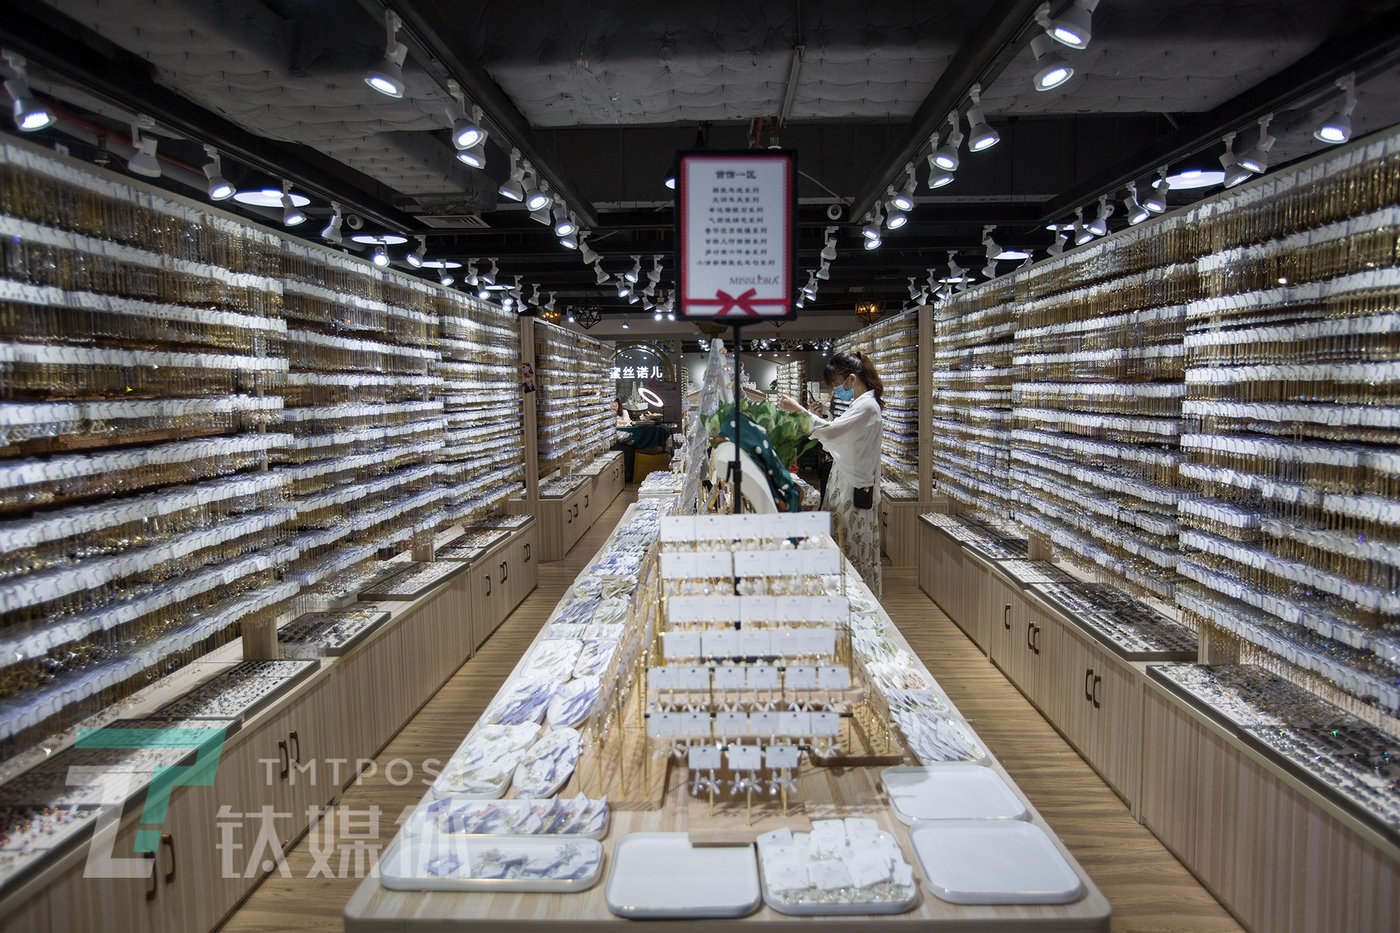 6月8日,广州市泰康饰品城8楼蜜丝诺儿饰品展厅。展厅1600平米,有10万款饰品现货,是一个供客户选款的批发市场。